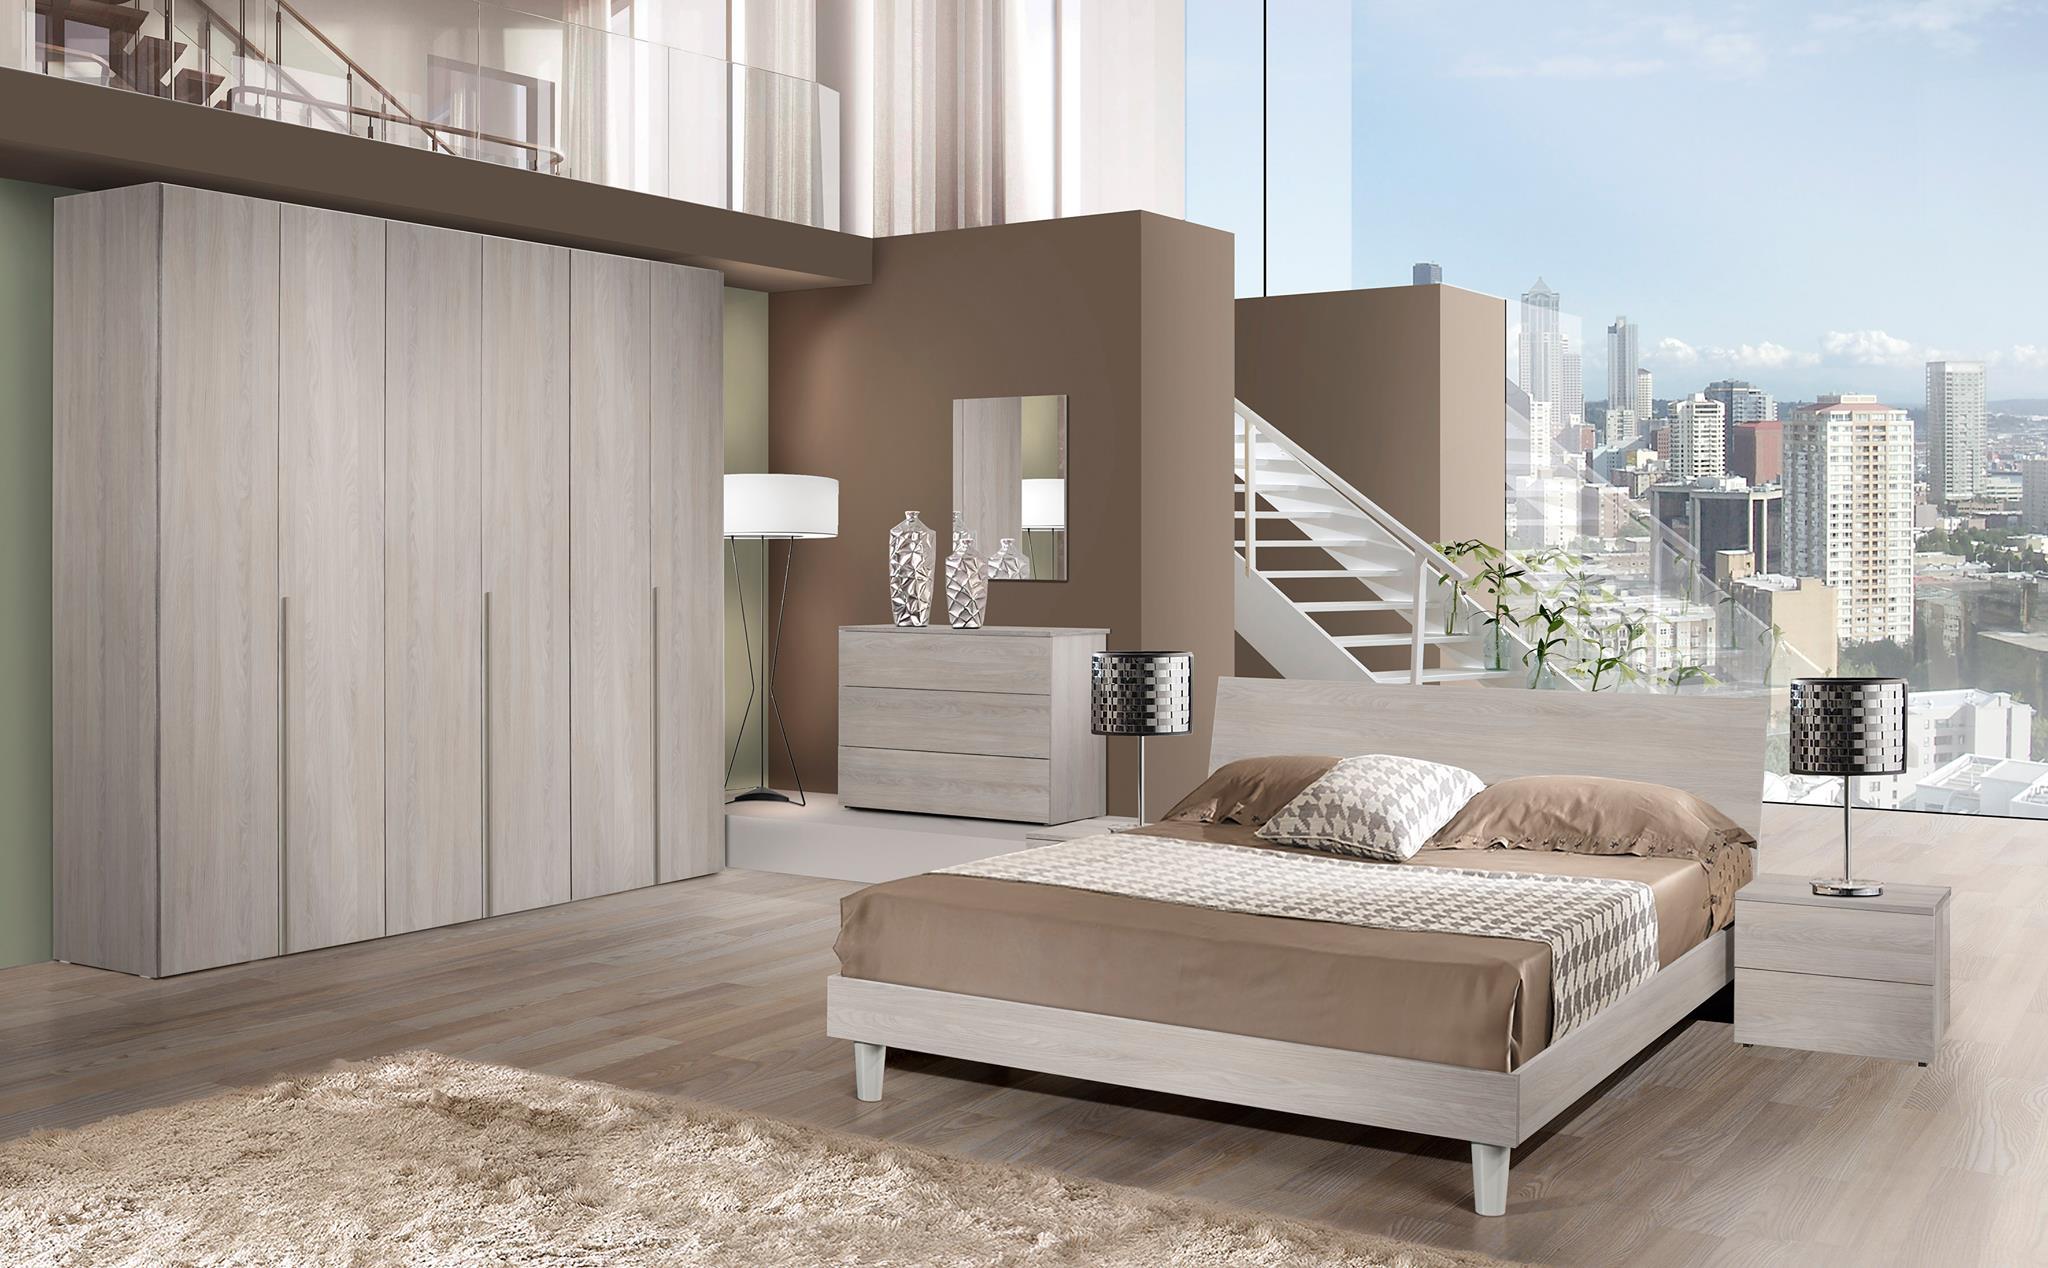 صورة اوض نوم مودرن 2019 , اجمل ديكورات غرف النوم الحديثة 3478 2